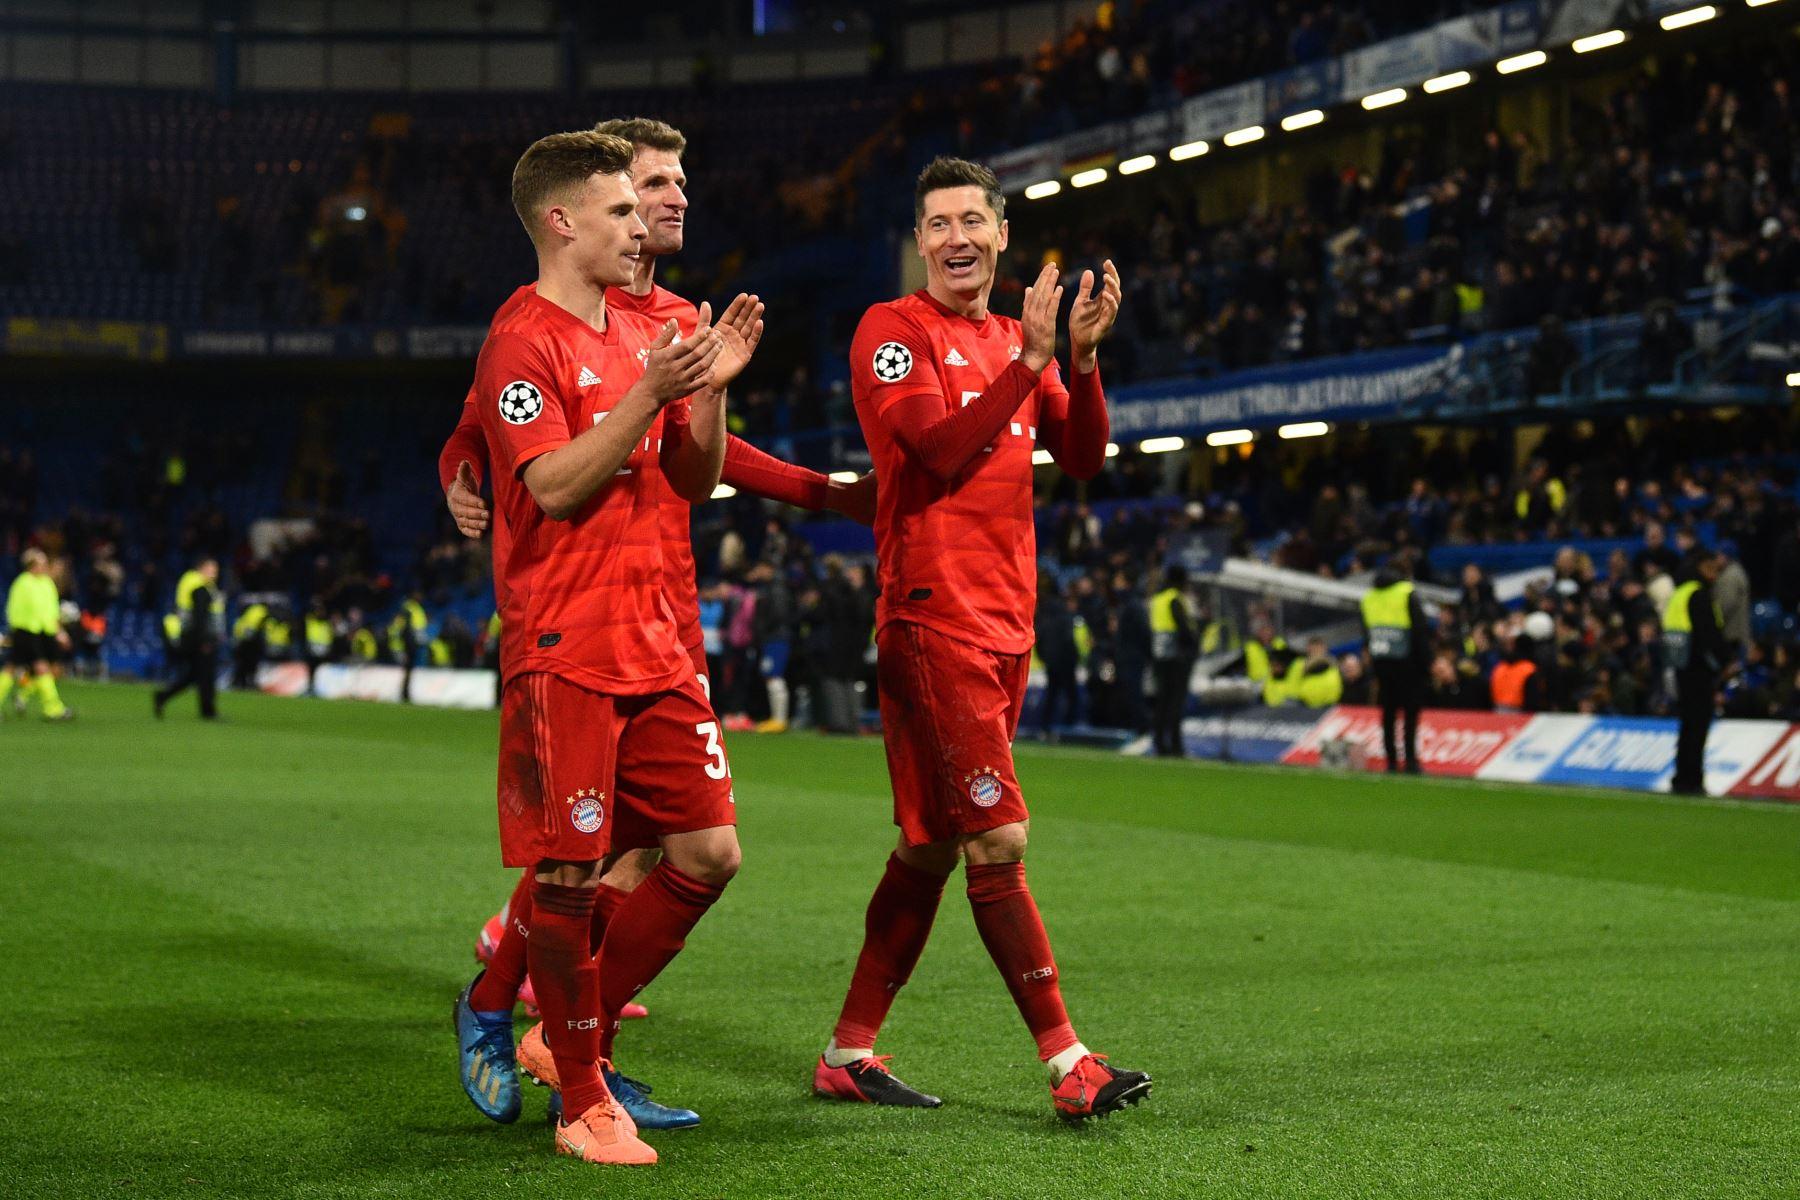 El mundo saluda el regreso del fútbol, las estrellas del Bayern en ...